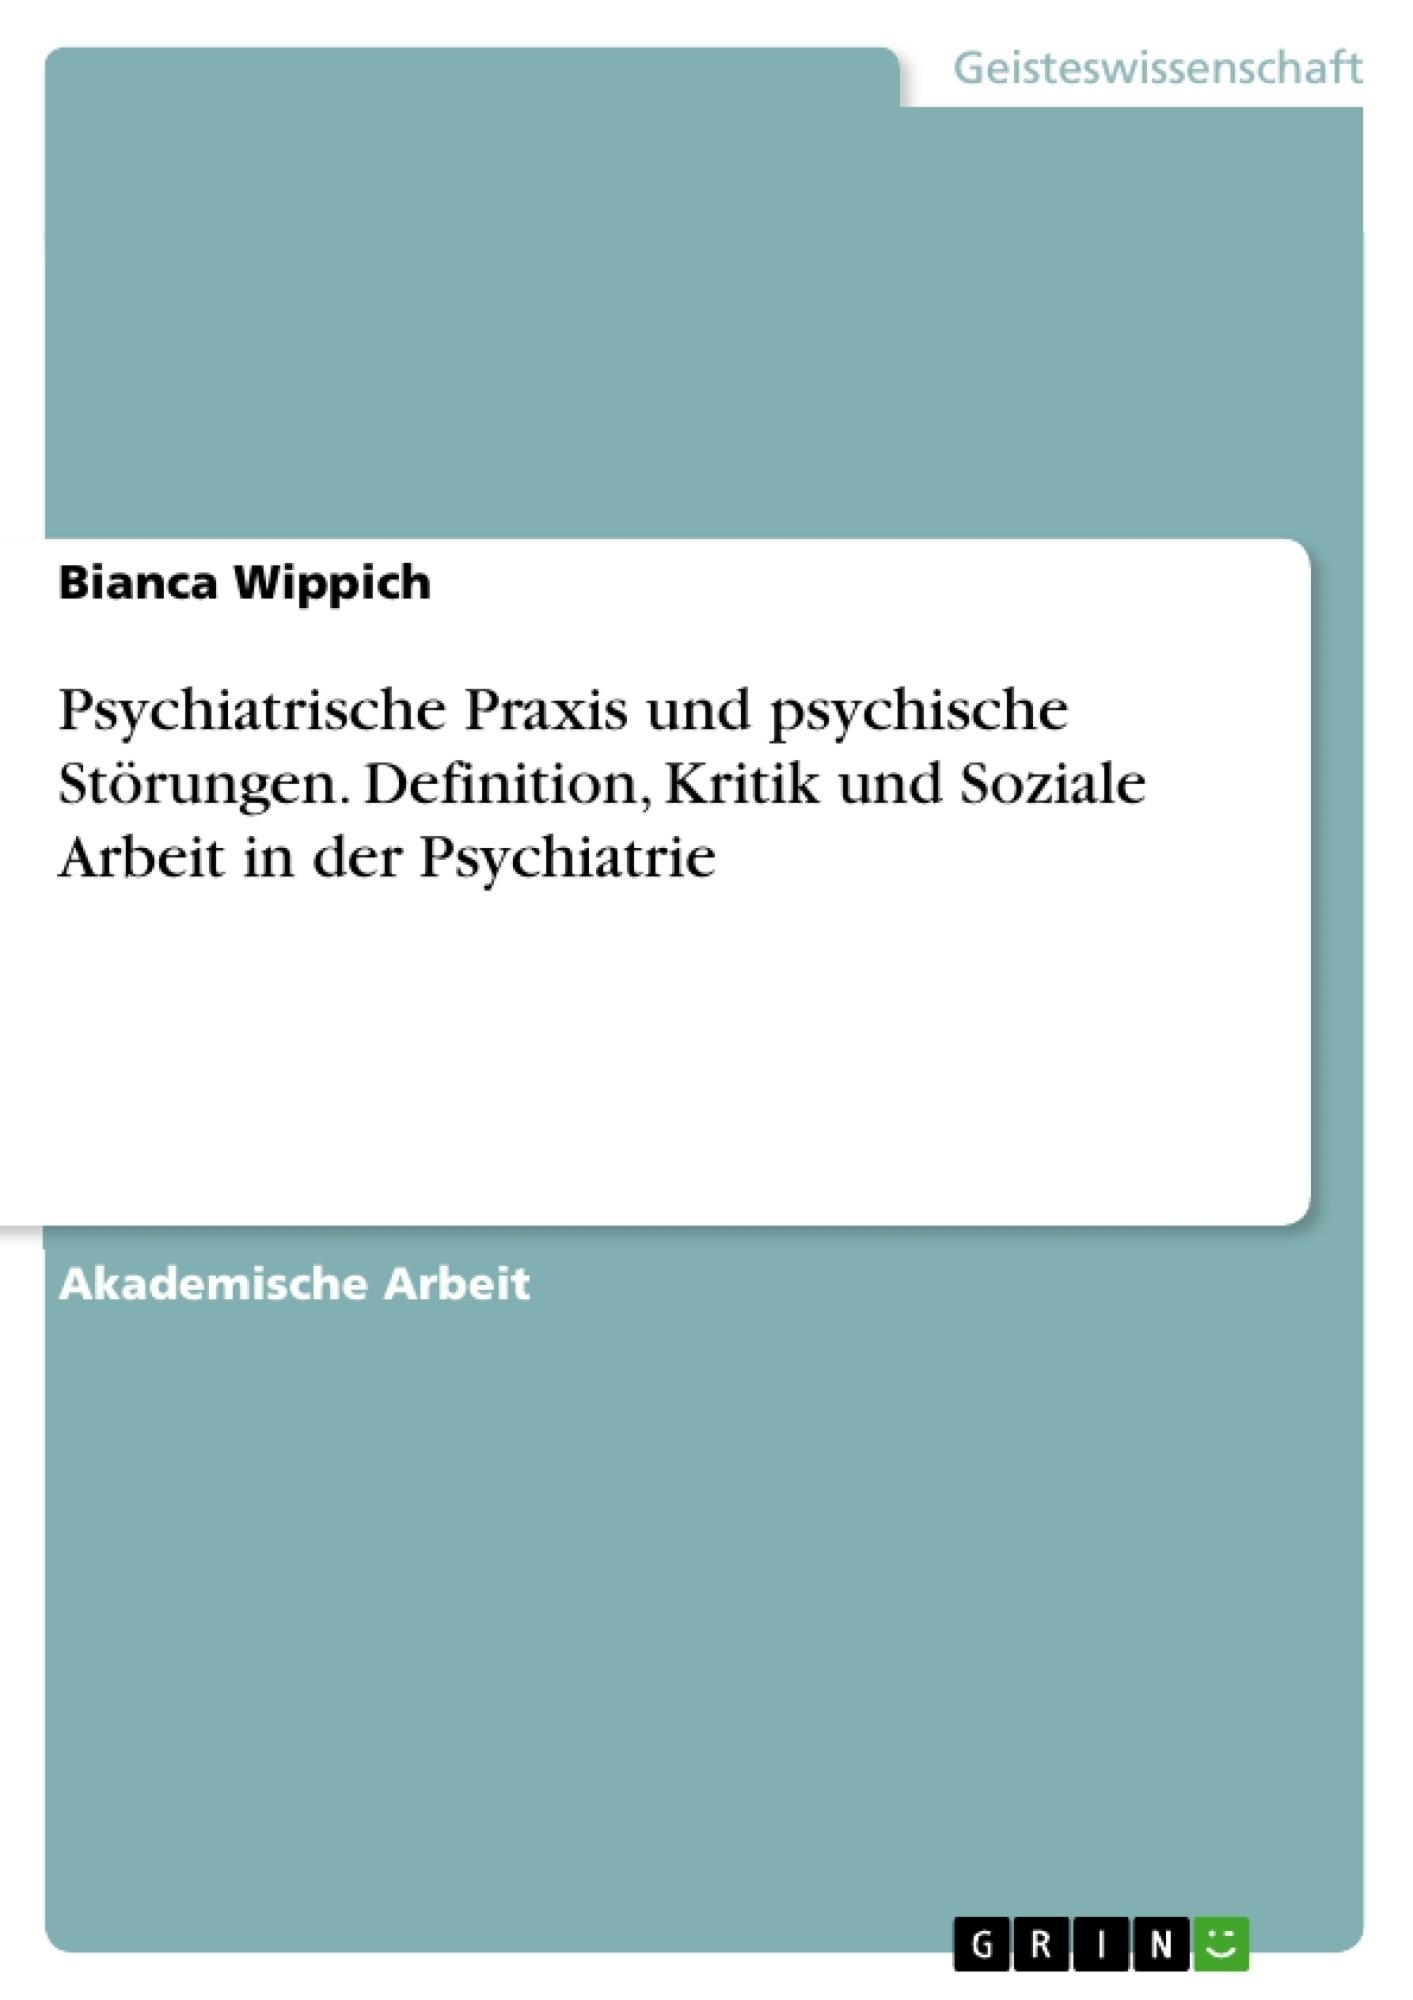 Titel: Psychiatrische Praxis und psychische Störungen. Definition, Kritik und Soziale Arbeit in der Psychiatrie